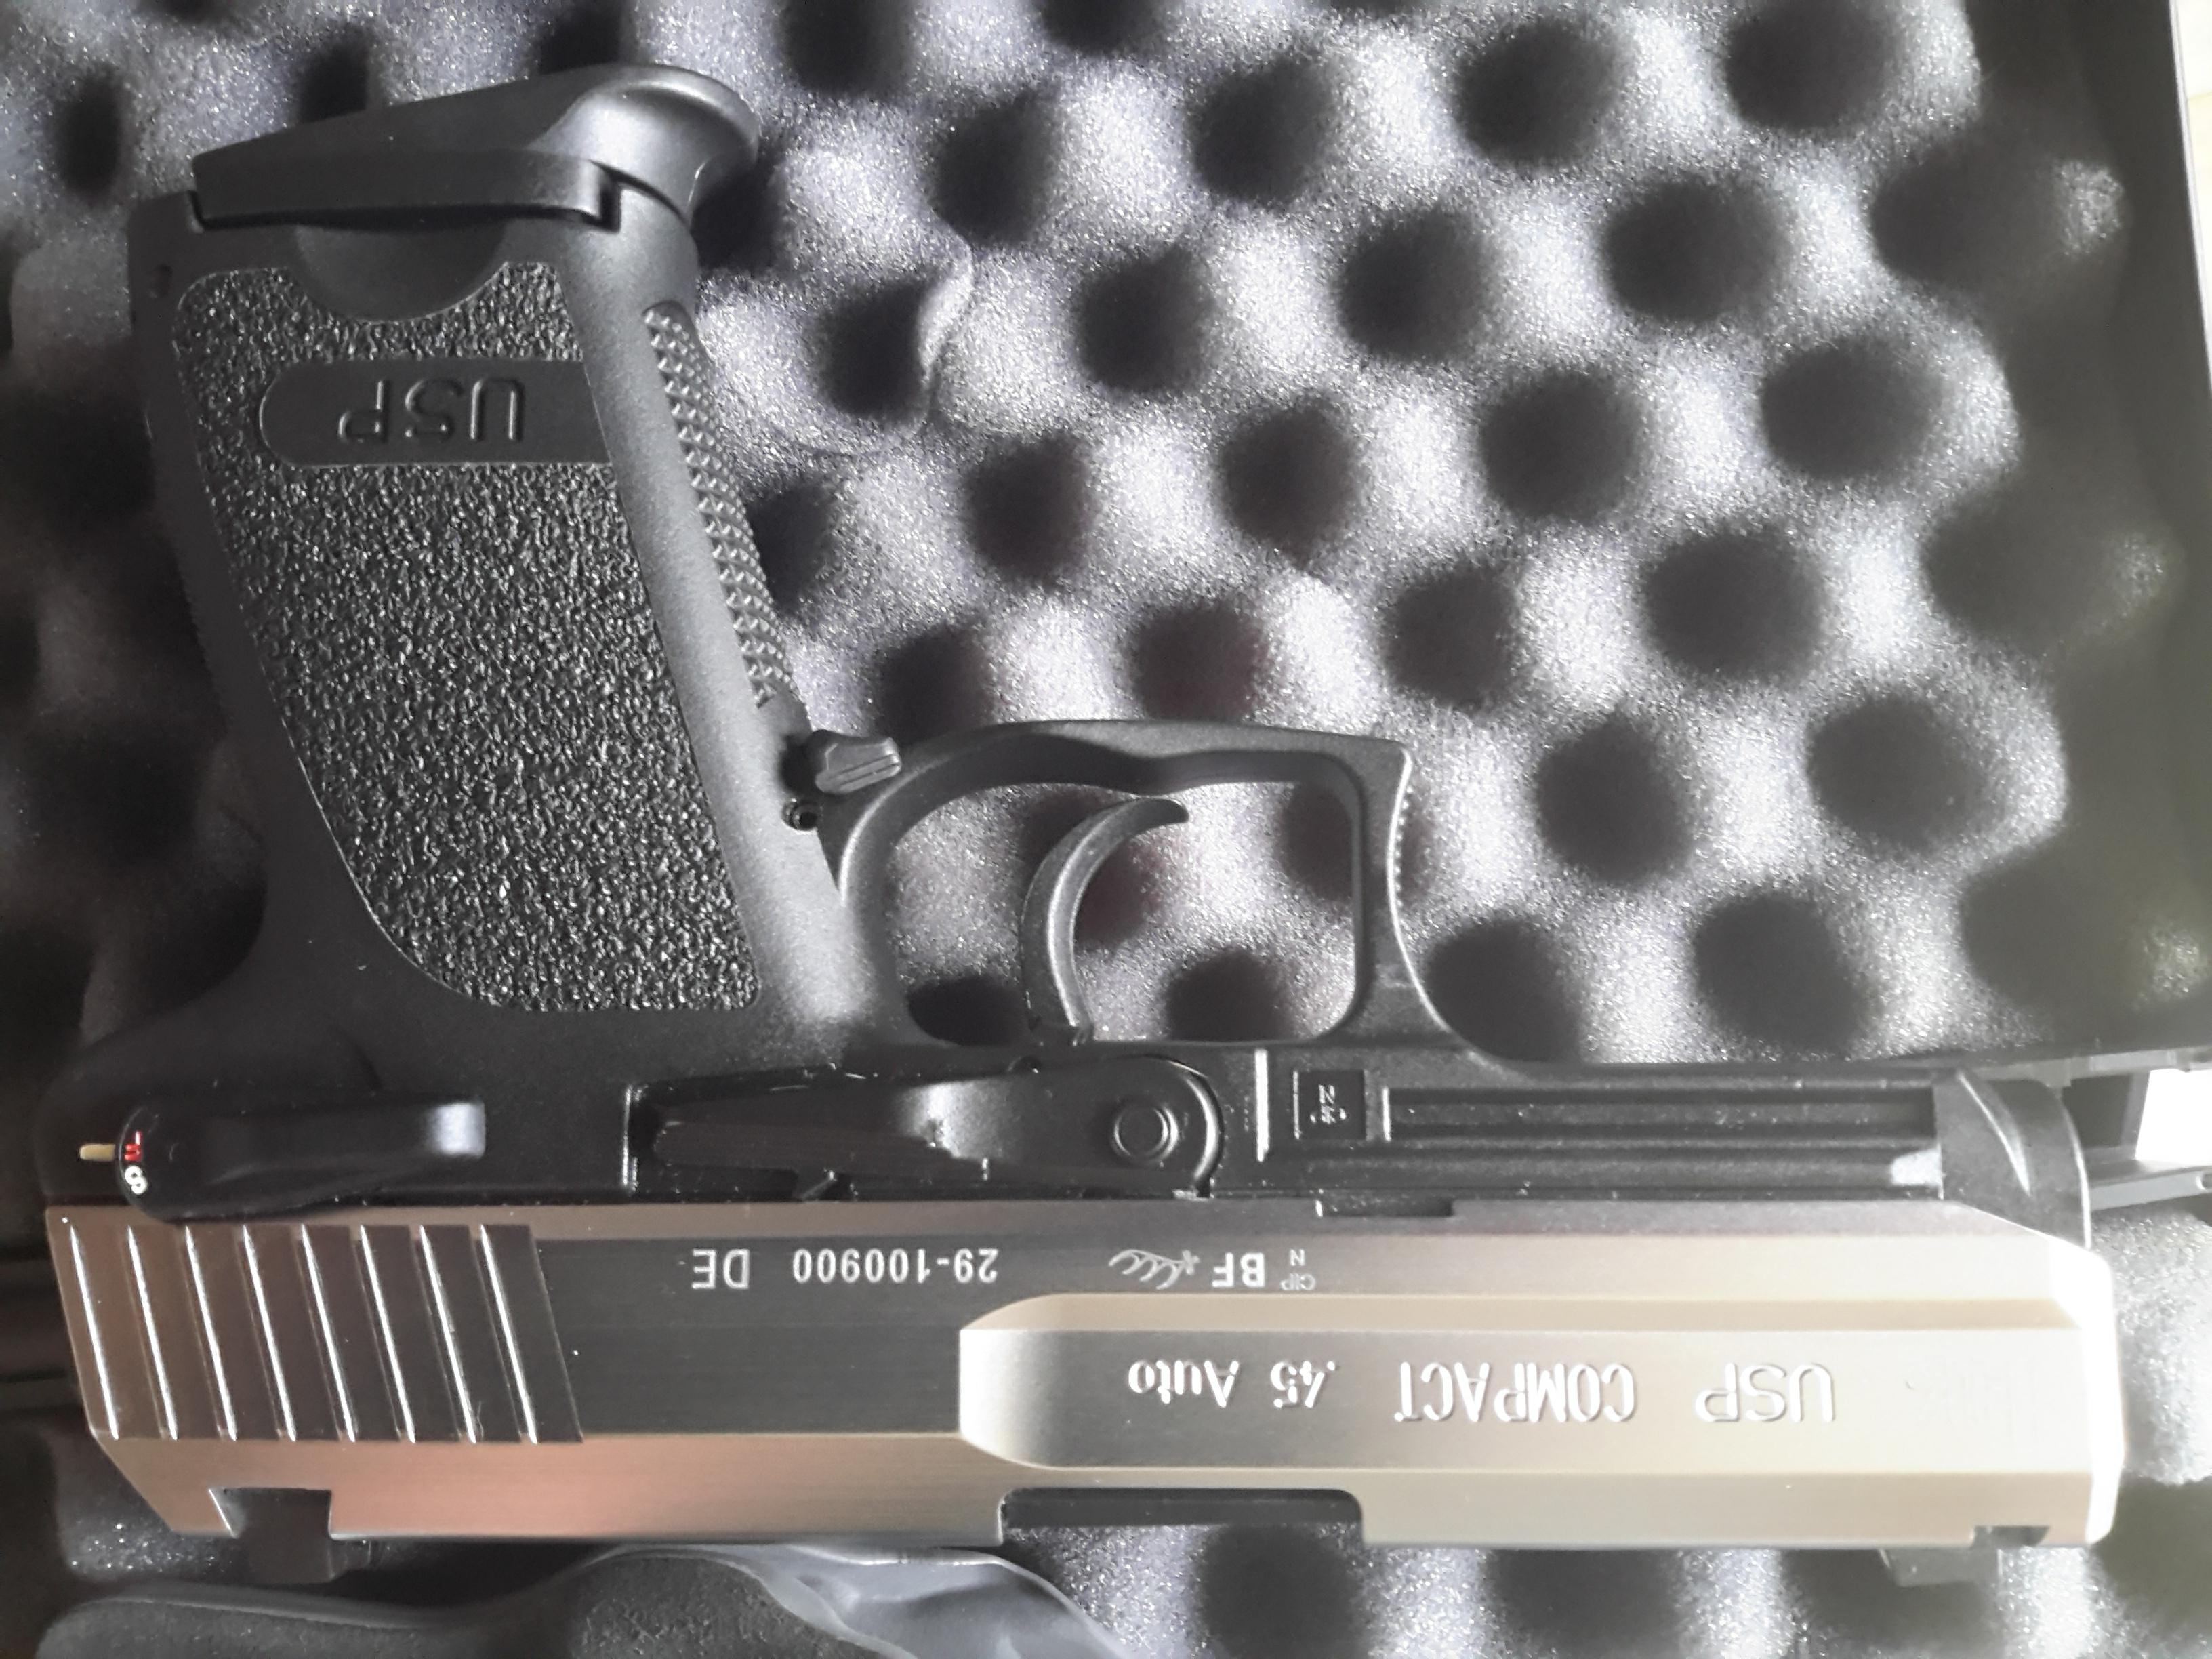 WTS LNIB USP Compact SS 9mm & 45acp 0-usp45.jpg